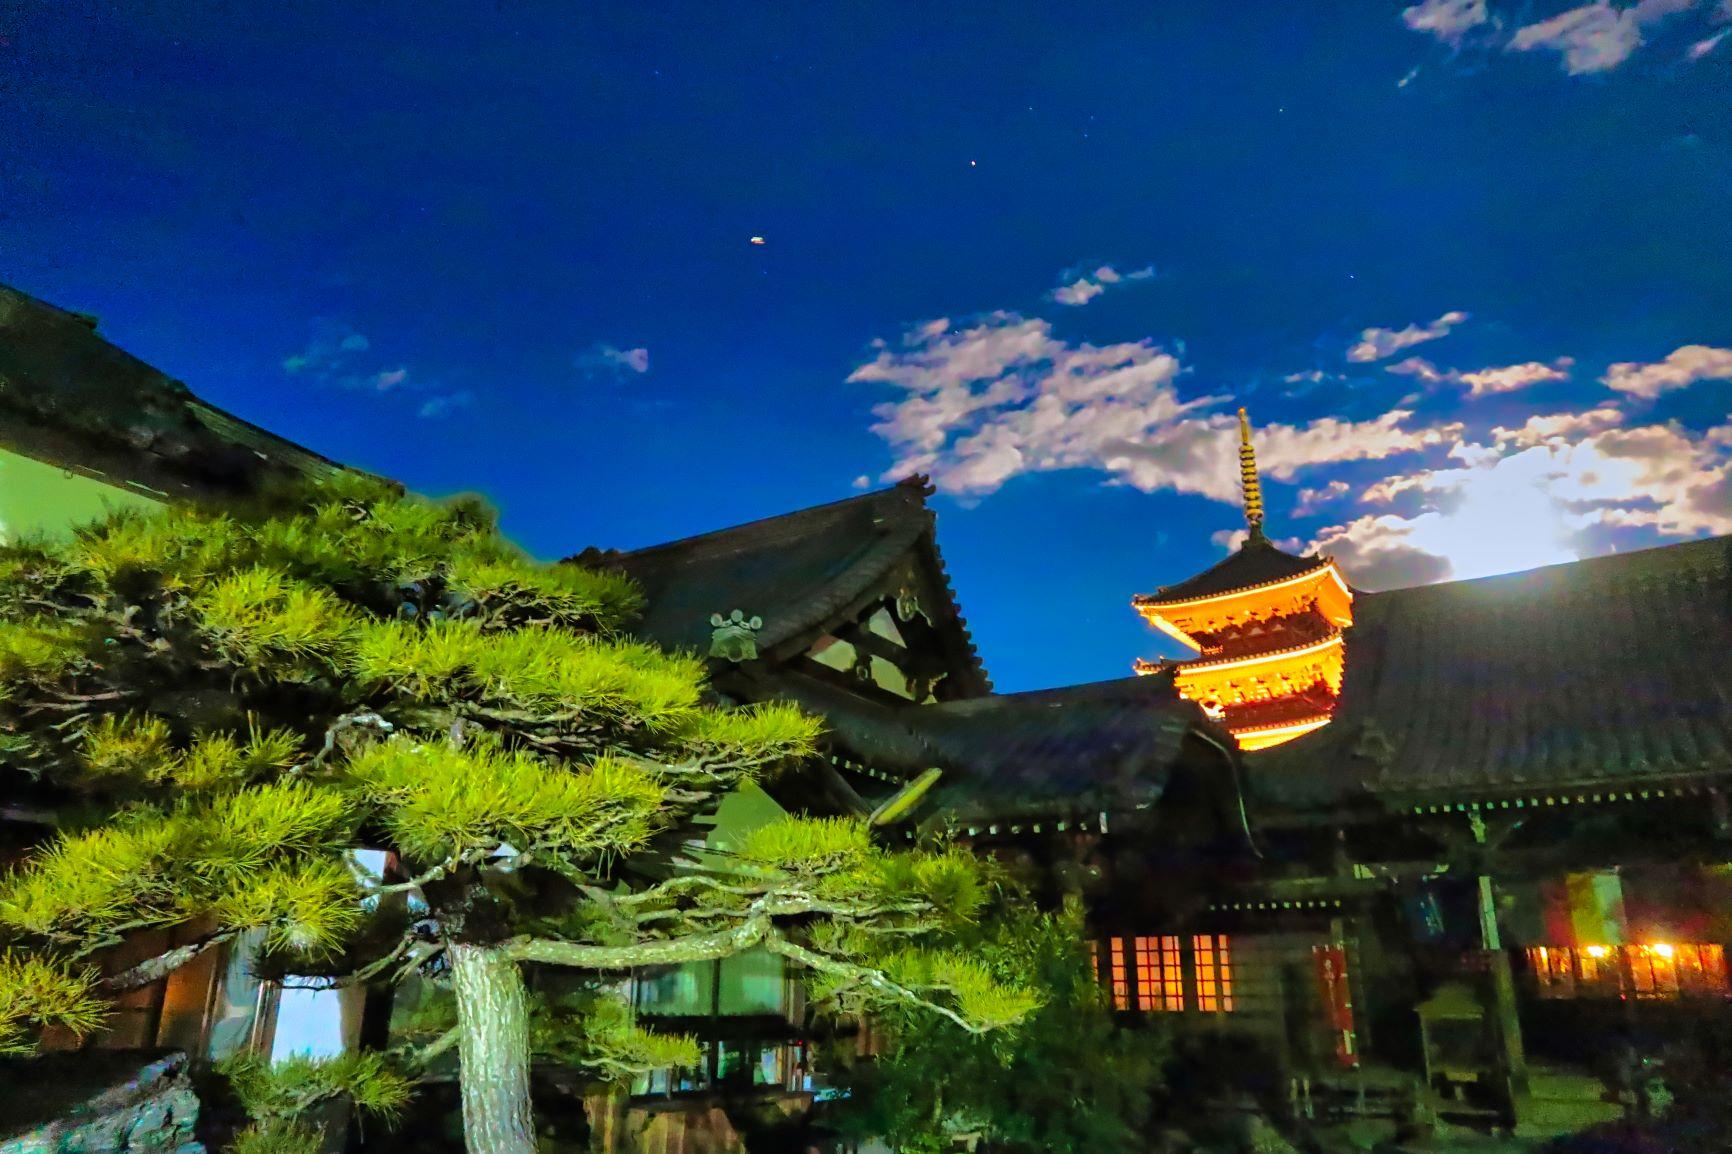 夜の円通寺と五重塔